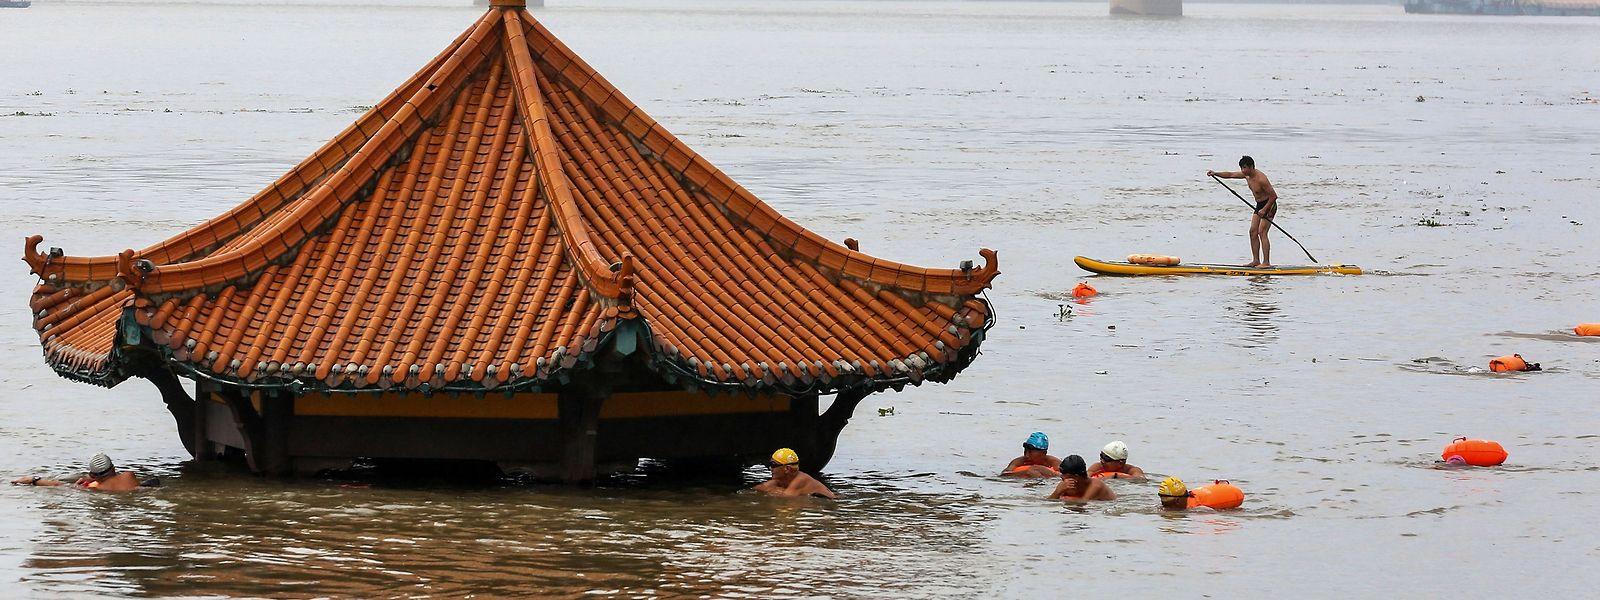 Zuerst das Virus, dann die Fluten. Schon wieder befindet sich die Provinz Hubei im Zentrum der Krise.